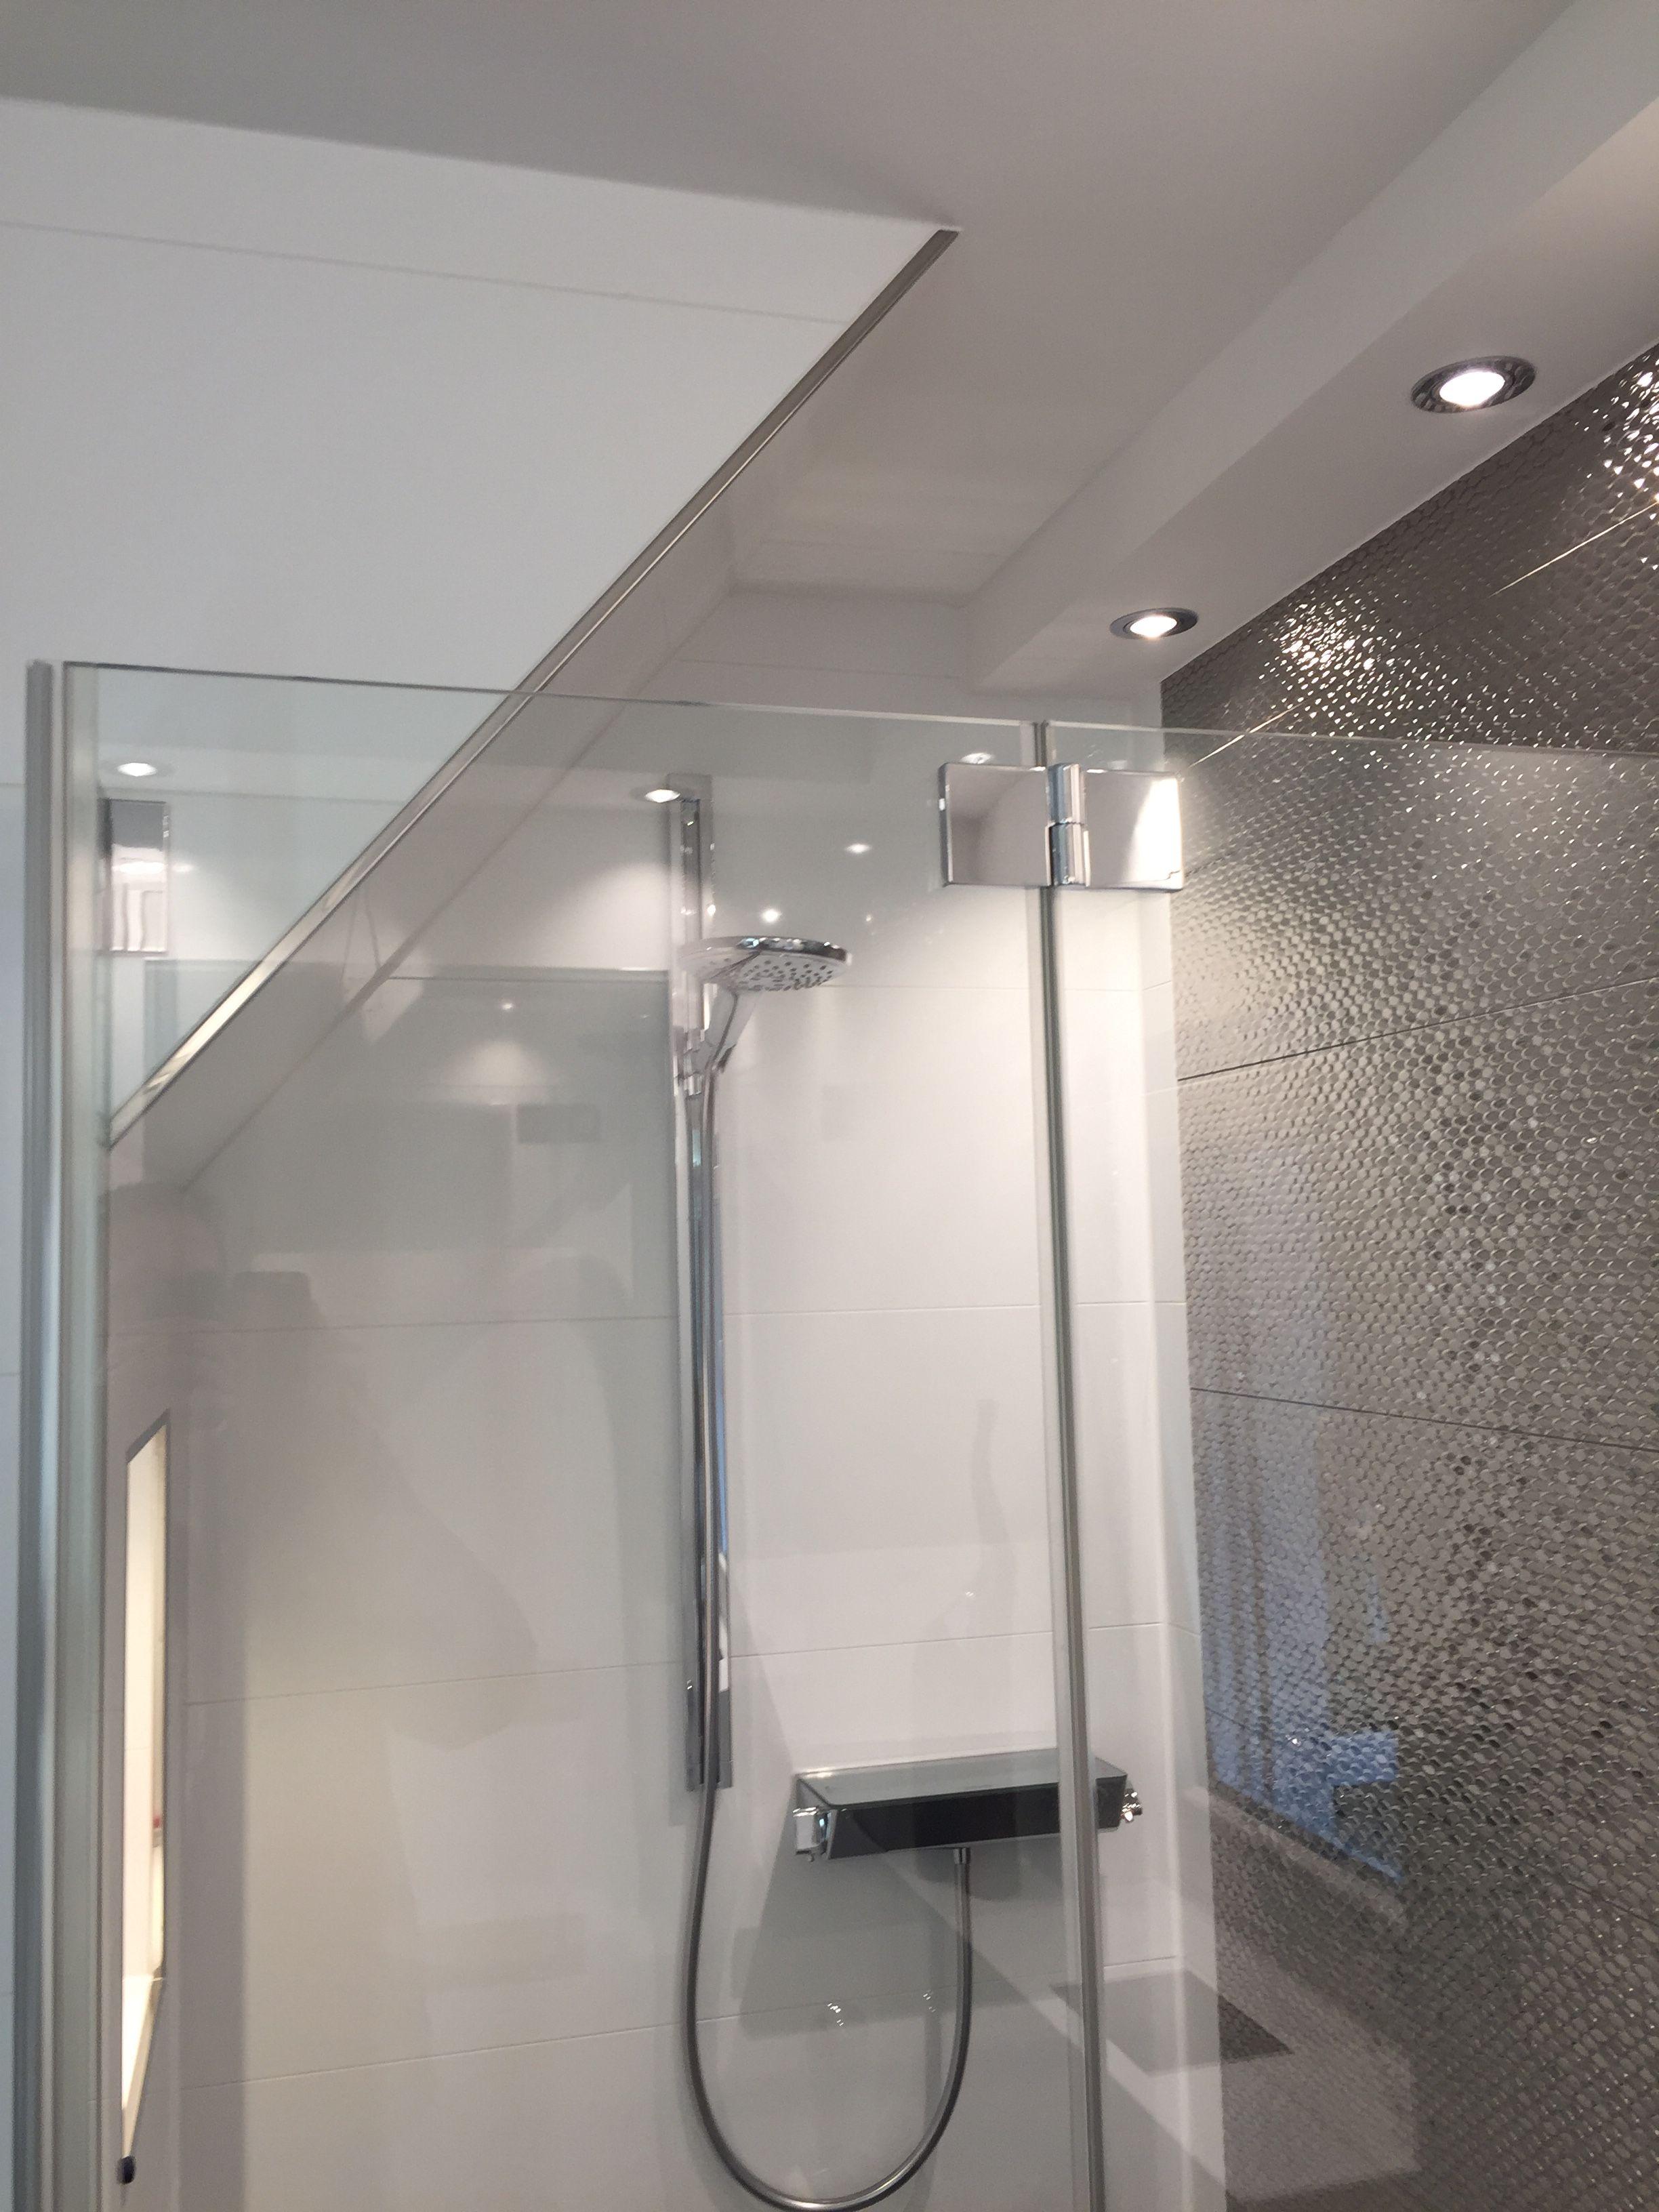 Badezimmer SchwarzWei  Kleine Bder mit Dachschrge  Badezimmer schwarz Bad mit dachschrge